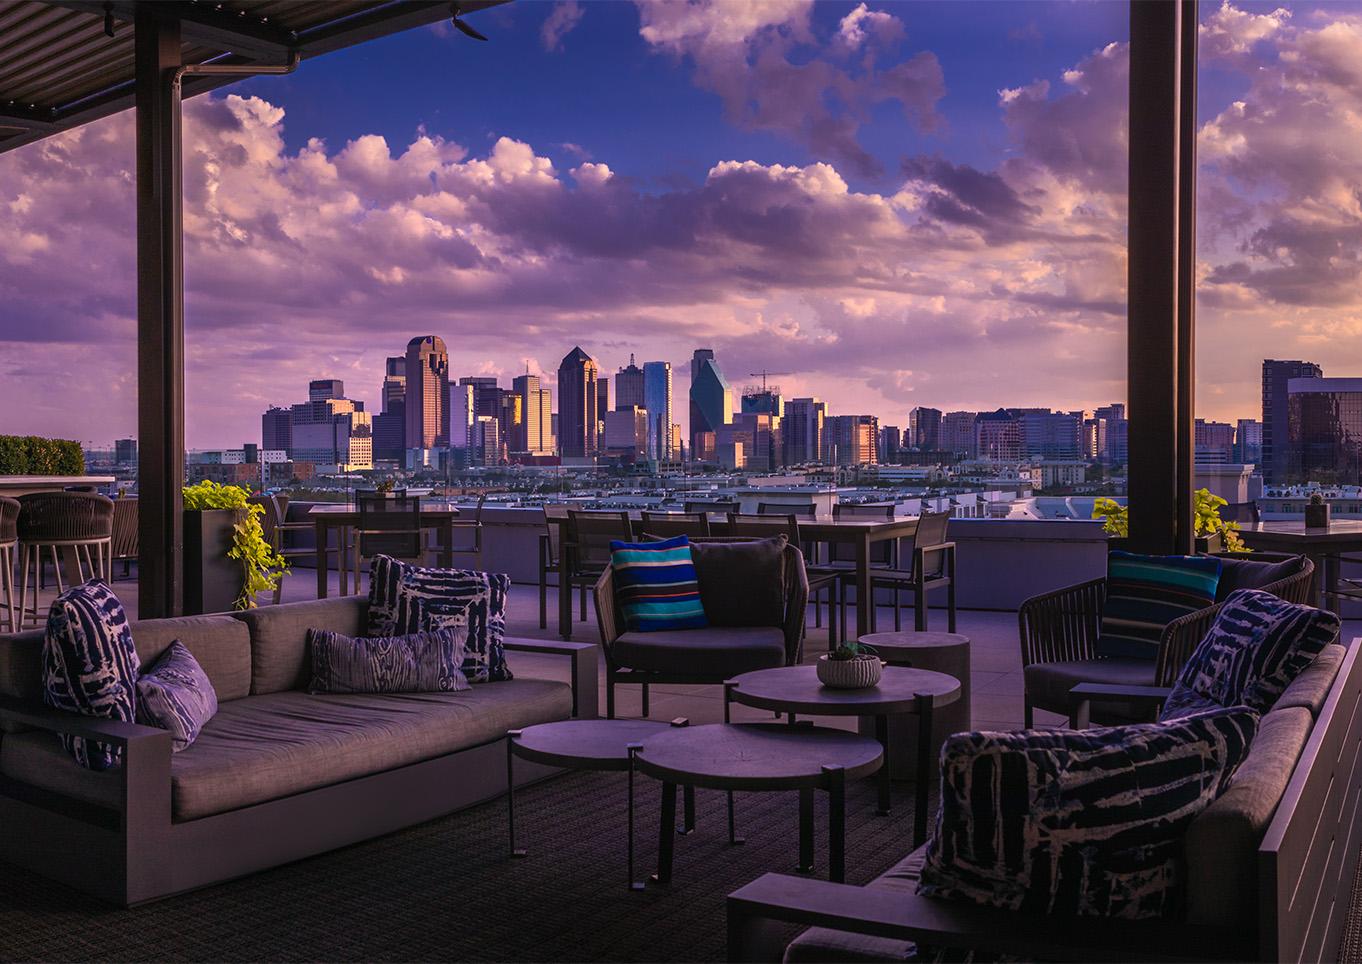 Rooftop Restaurants In Dallas | Uptown Rooftop Bars ...